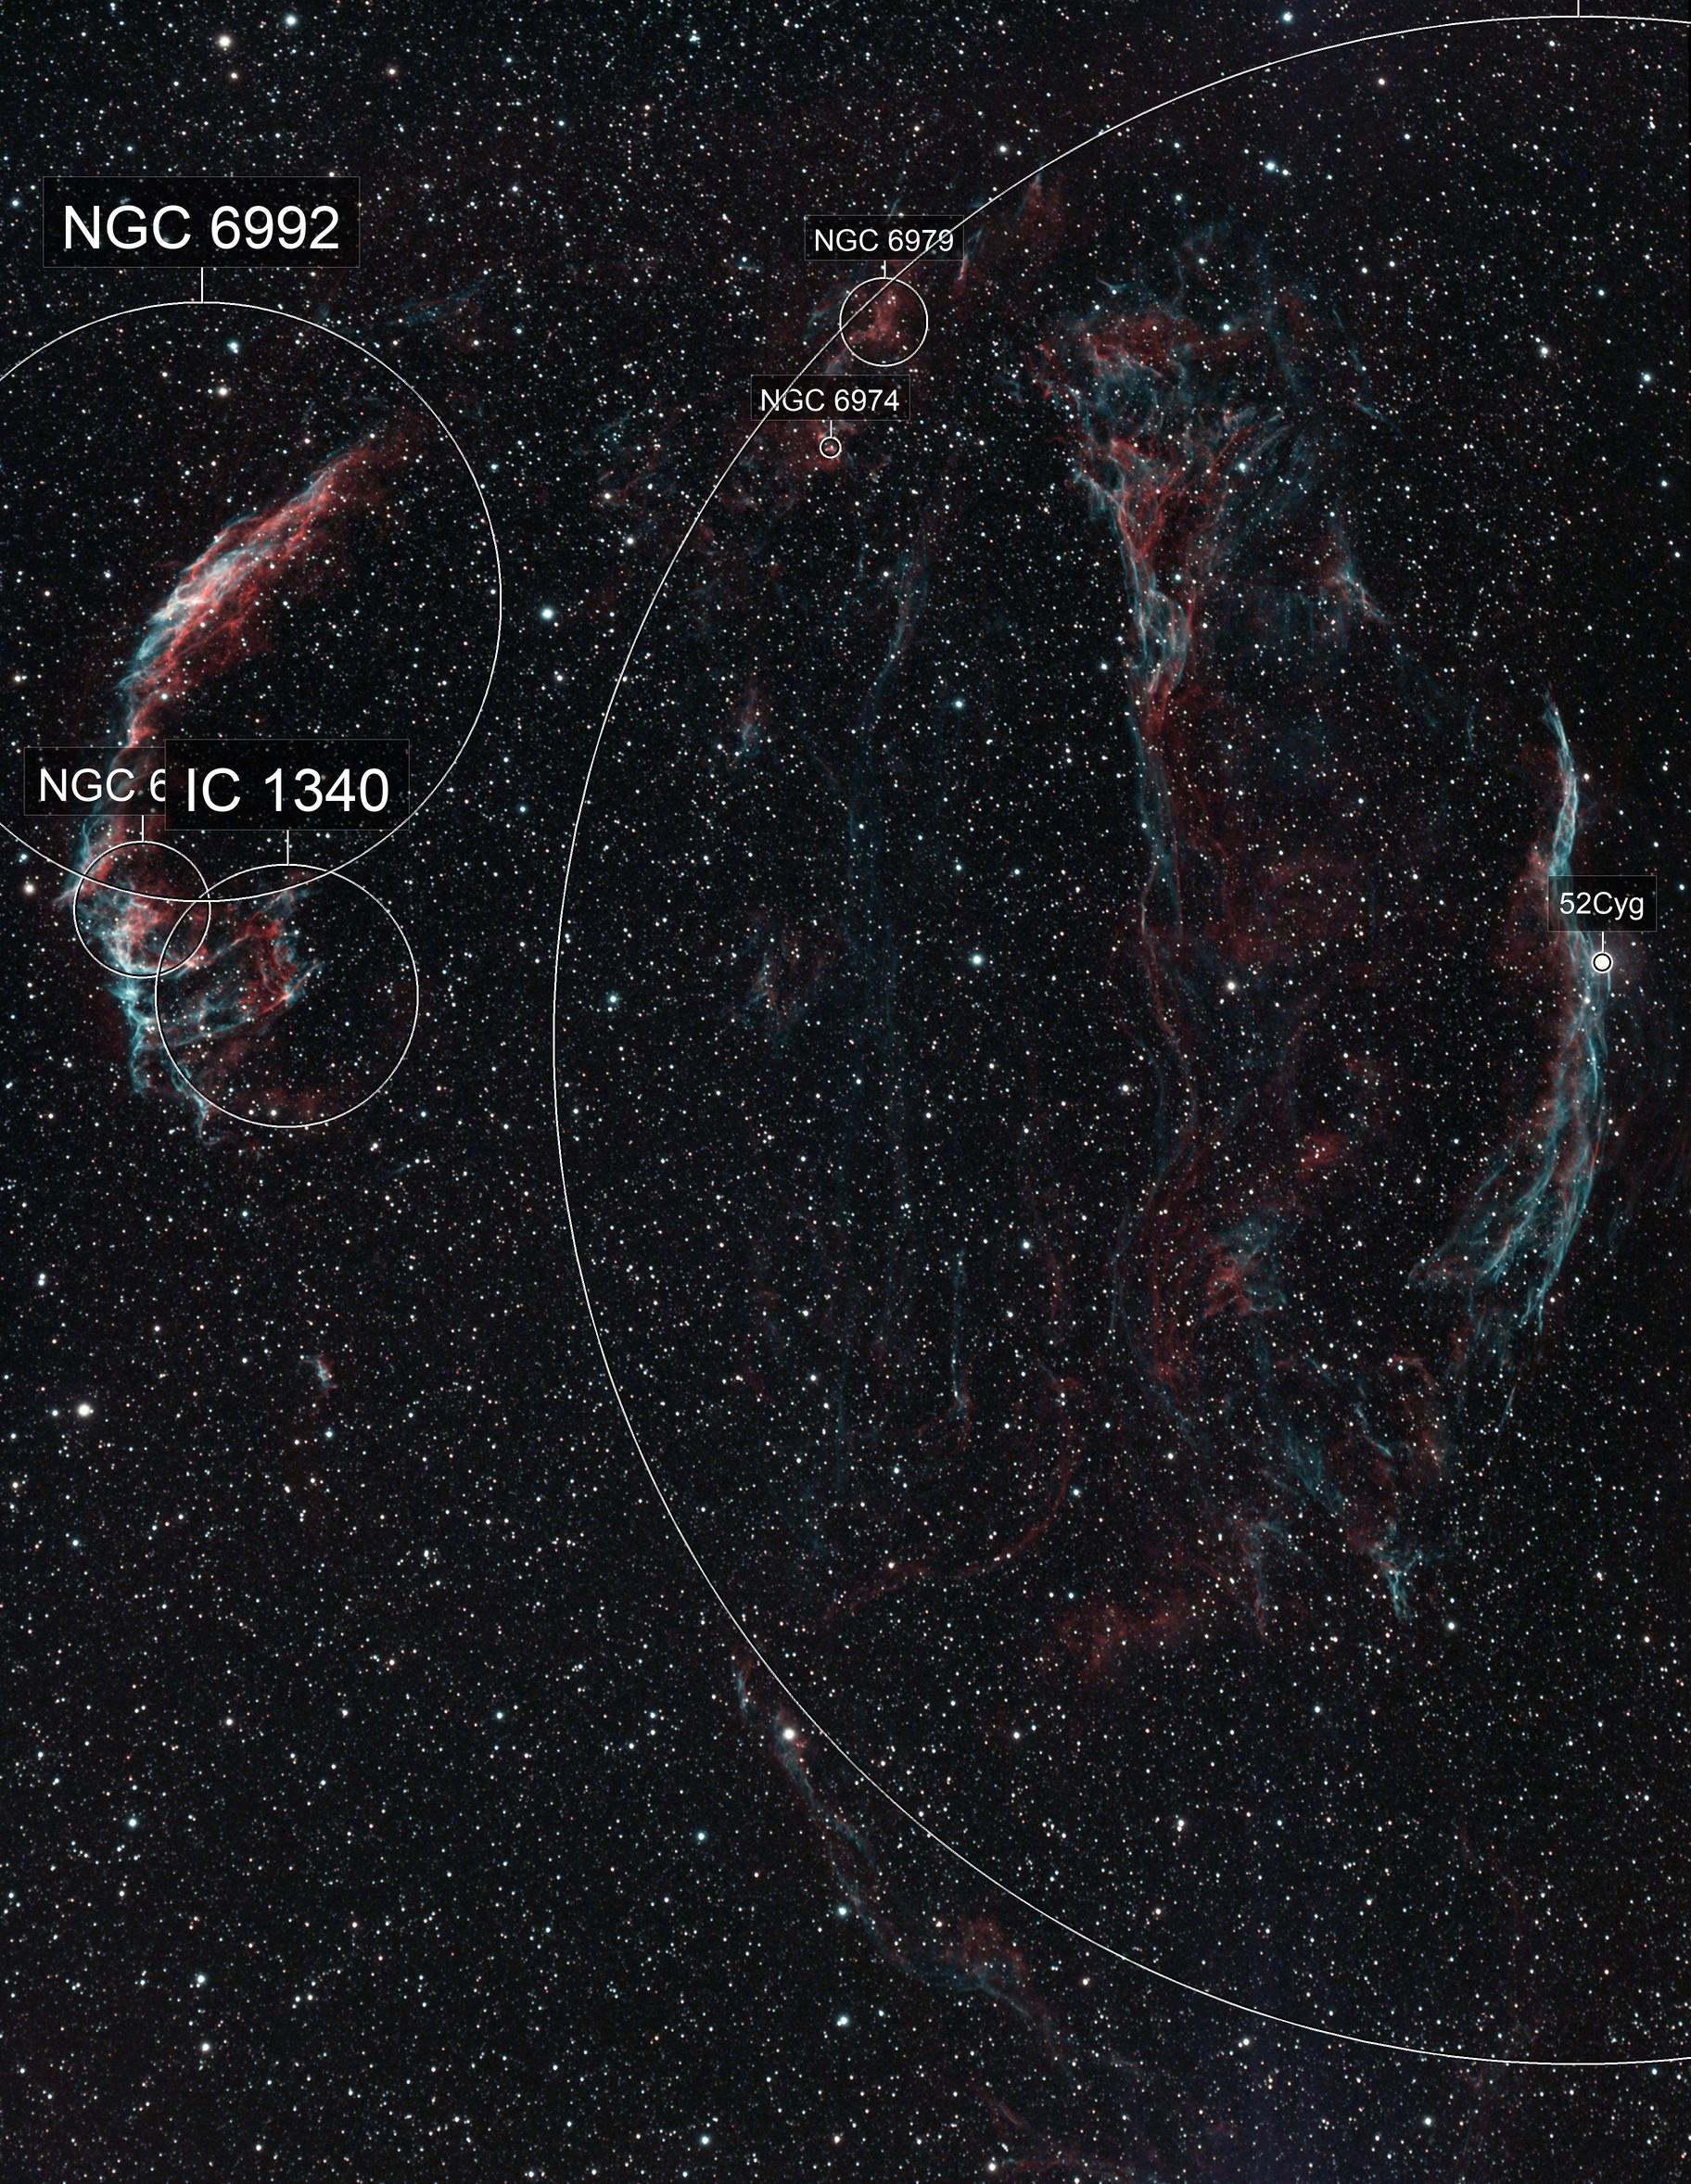 Cygnus Loop / Veil Nebula / Witch's Broom Nebula